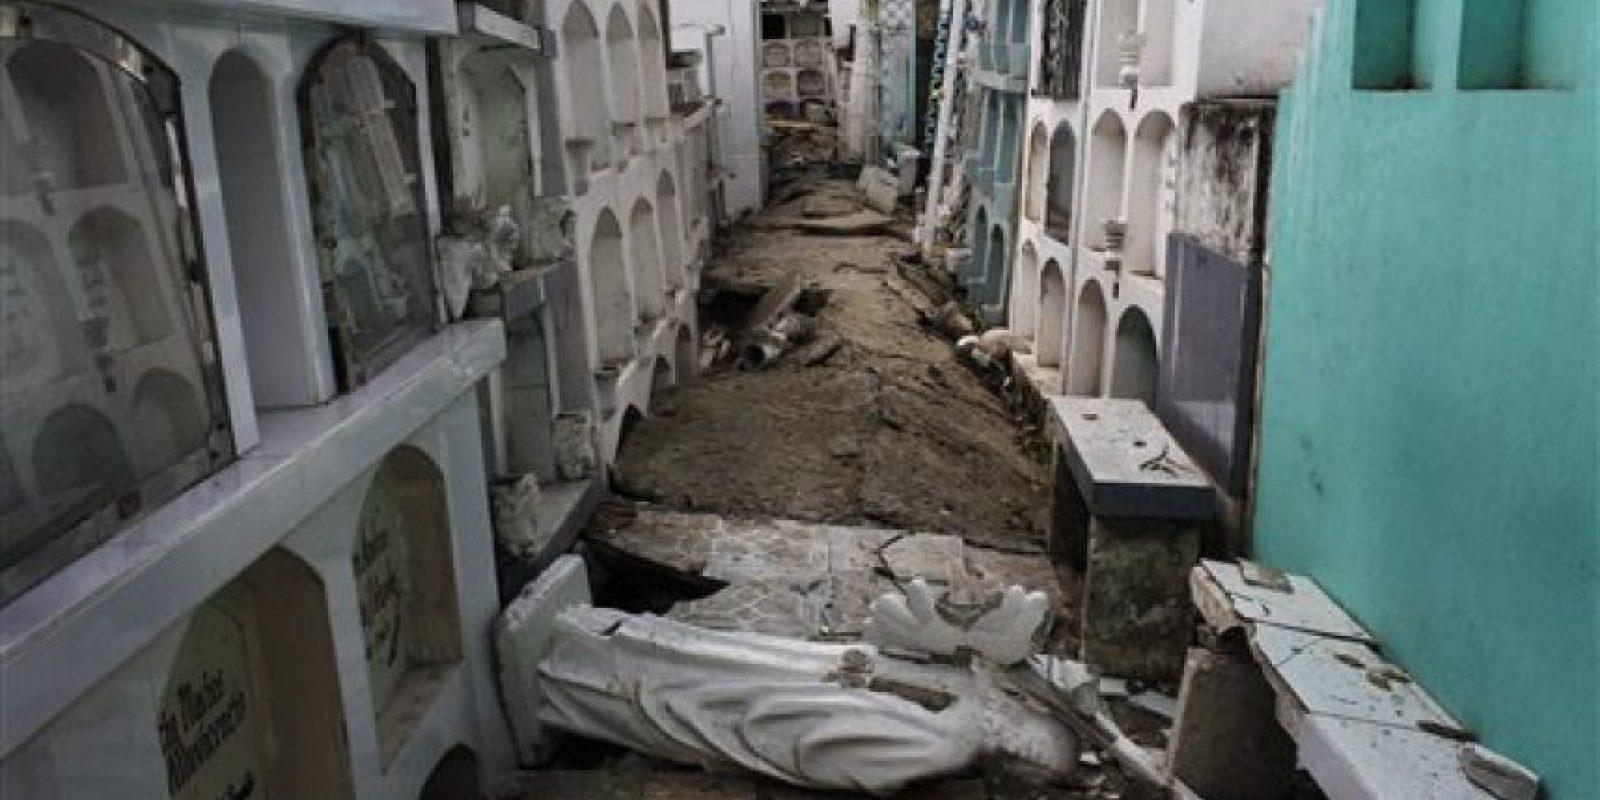 En la imagen, tomada el 18 de abril de 2016, aparece la dañada estatua de un ángel caída sobre el piso de un cementerio tras un potente terremoto de magnitud 7,8, en Portoviejo, Ecuador. El sismo del 16 de abril destruyó o dañó unos 1.500 edificios y dejó a más de 20.000 personas sin hogar, dijo el gobierno. Fue el peor movimiento telúrico en el país desde el de 1949 en el que murieron más de 5.000 personas. Foto:AP